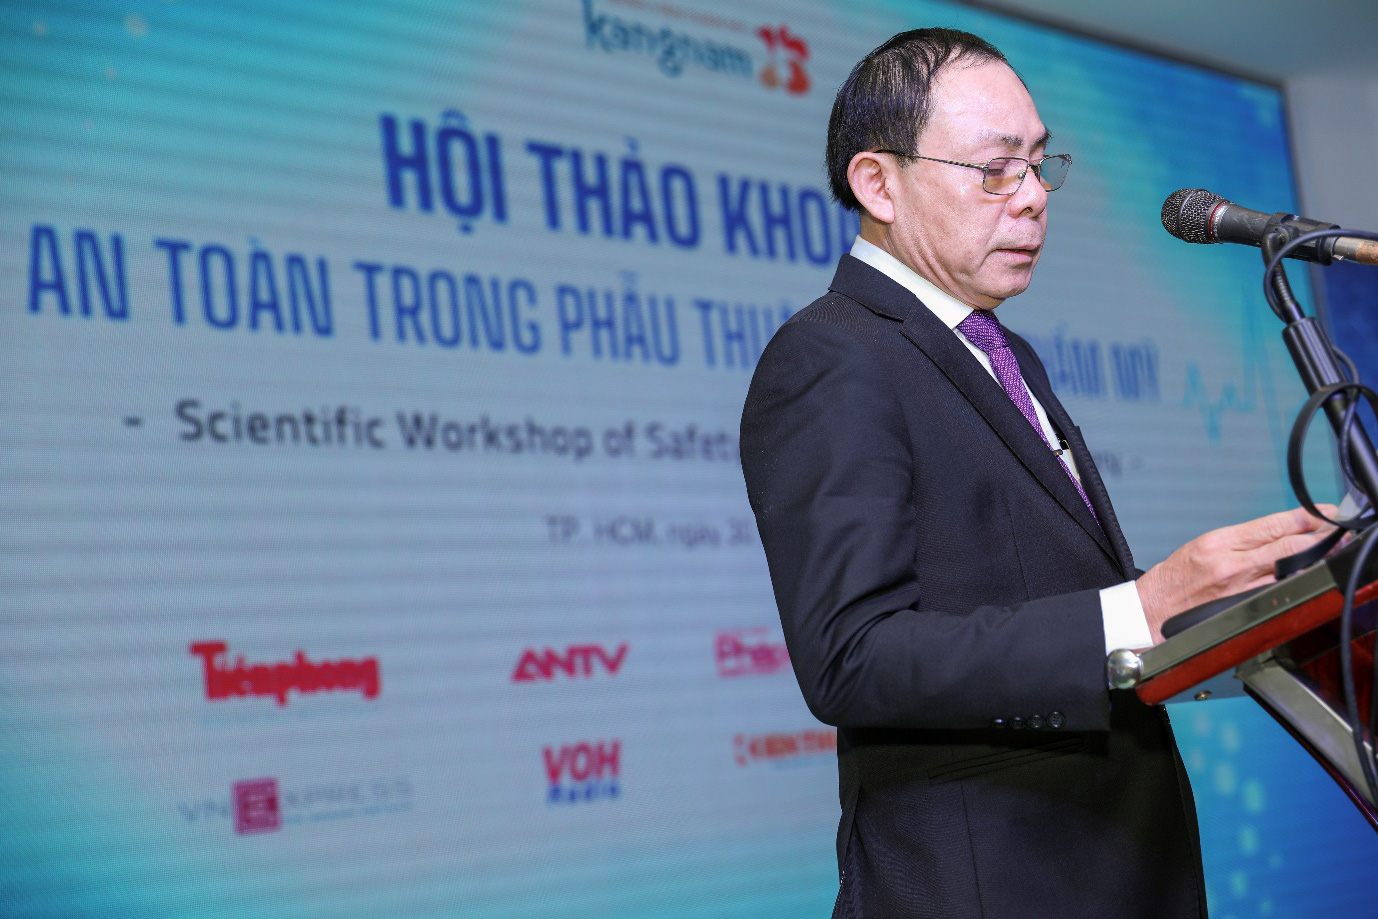 """Hơn 100 bác sĩ và chuyên gia đầu ngành đến dự buổi hội thảo """"An toàn trong phẫu thuật tạo hình thẩm mỹ"""" - Ảnh 2."""